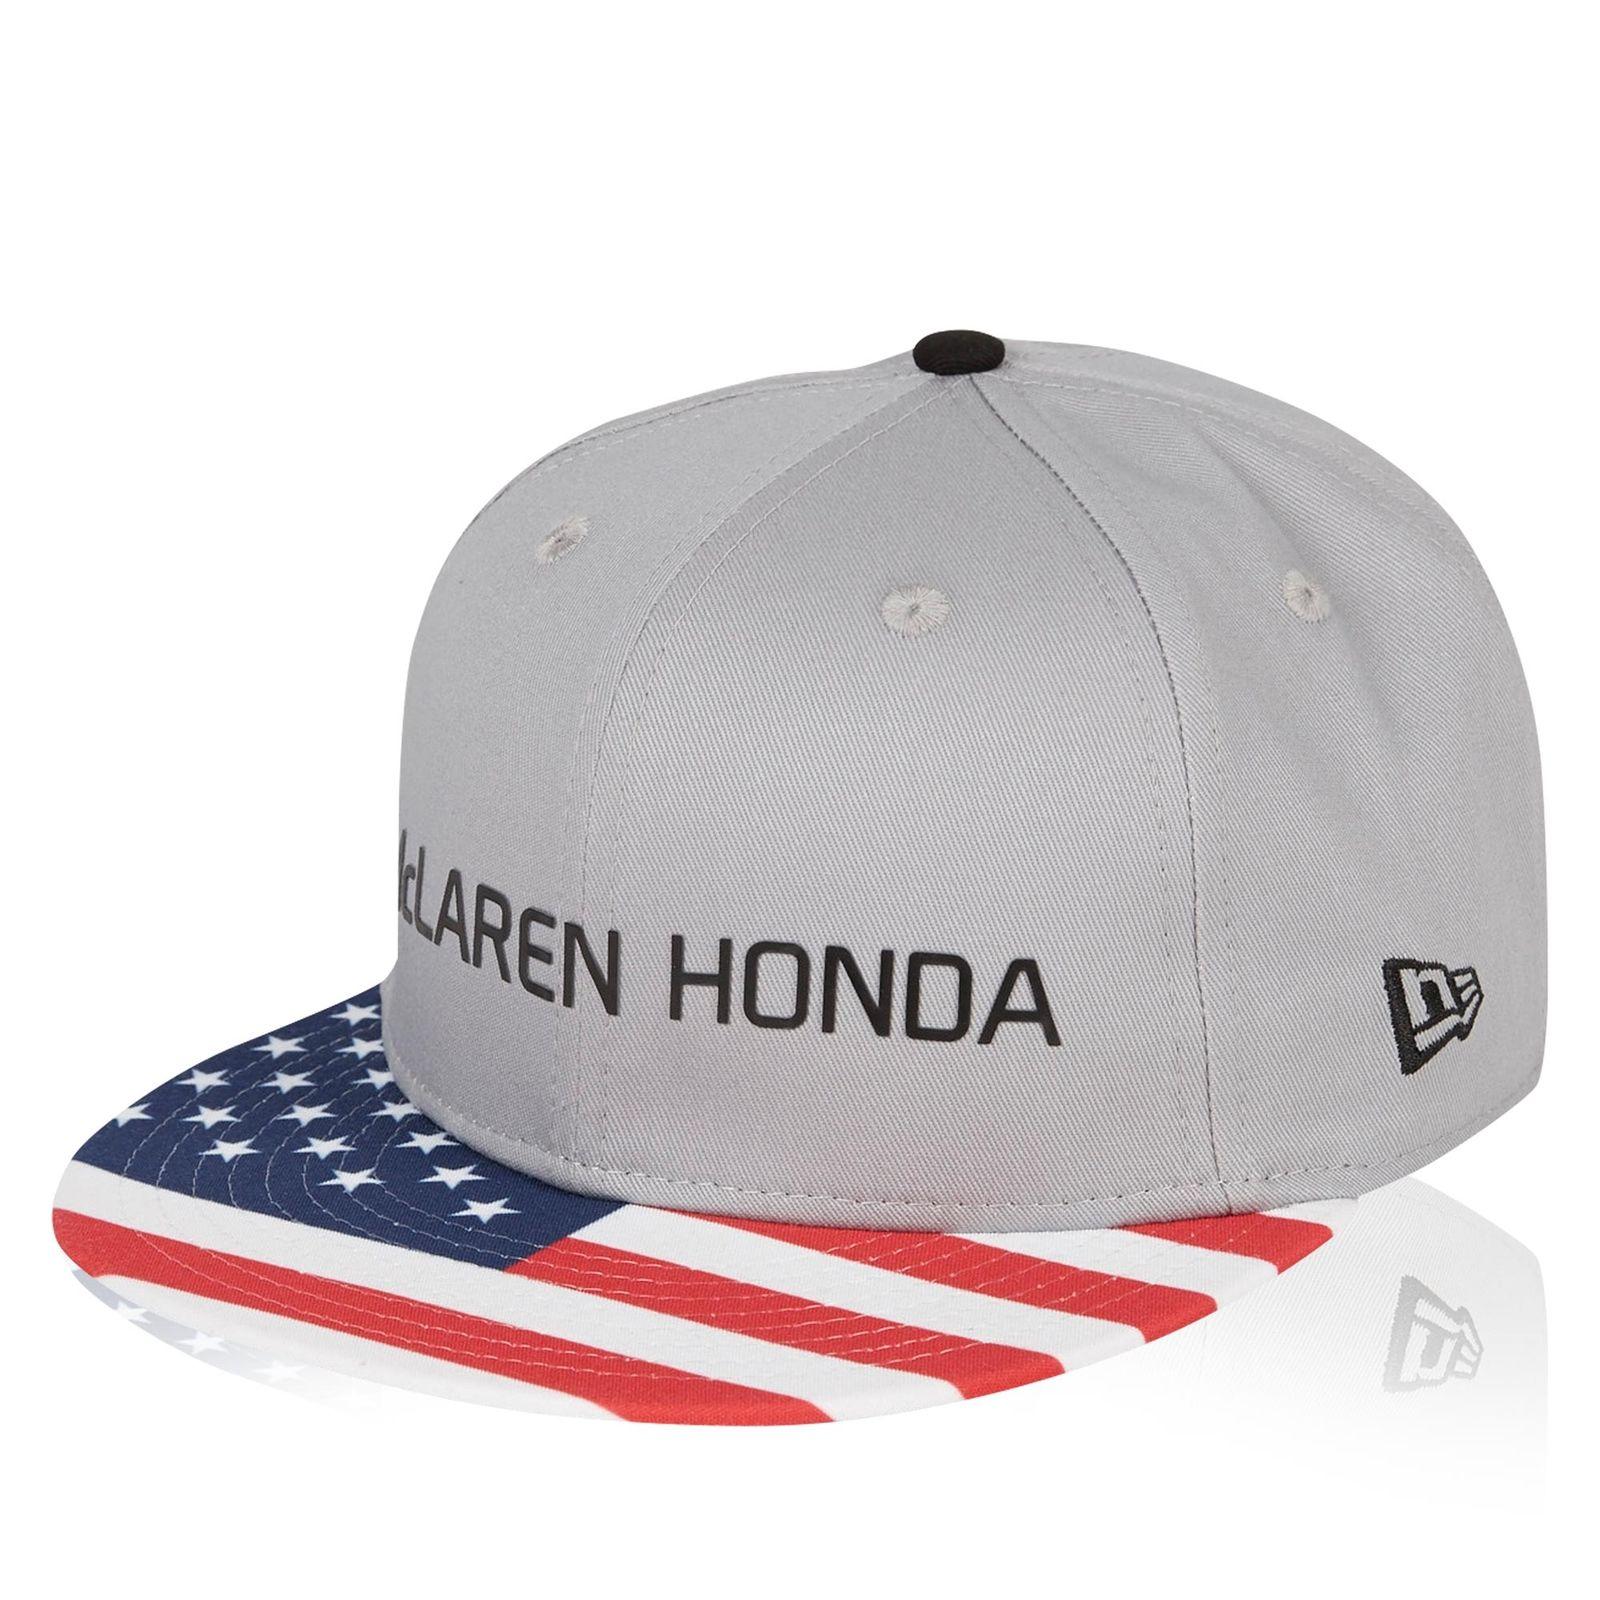 McLaren Honda Special Edition New Era Cap Hat 9Fifty (Free P&P) £5 - McLaren ebay store